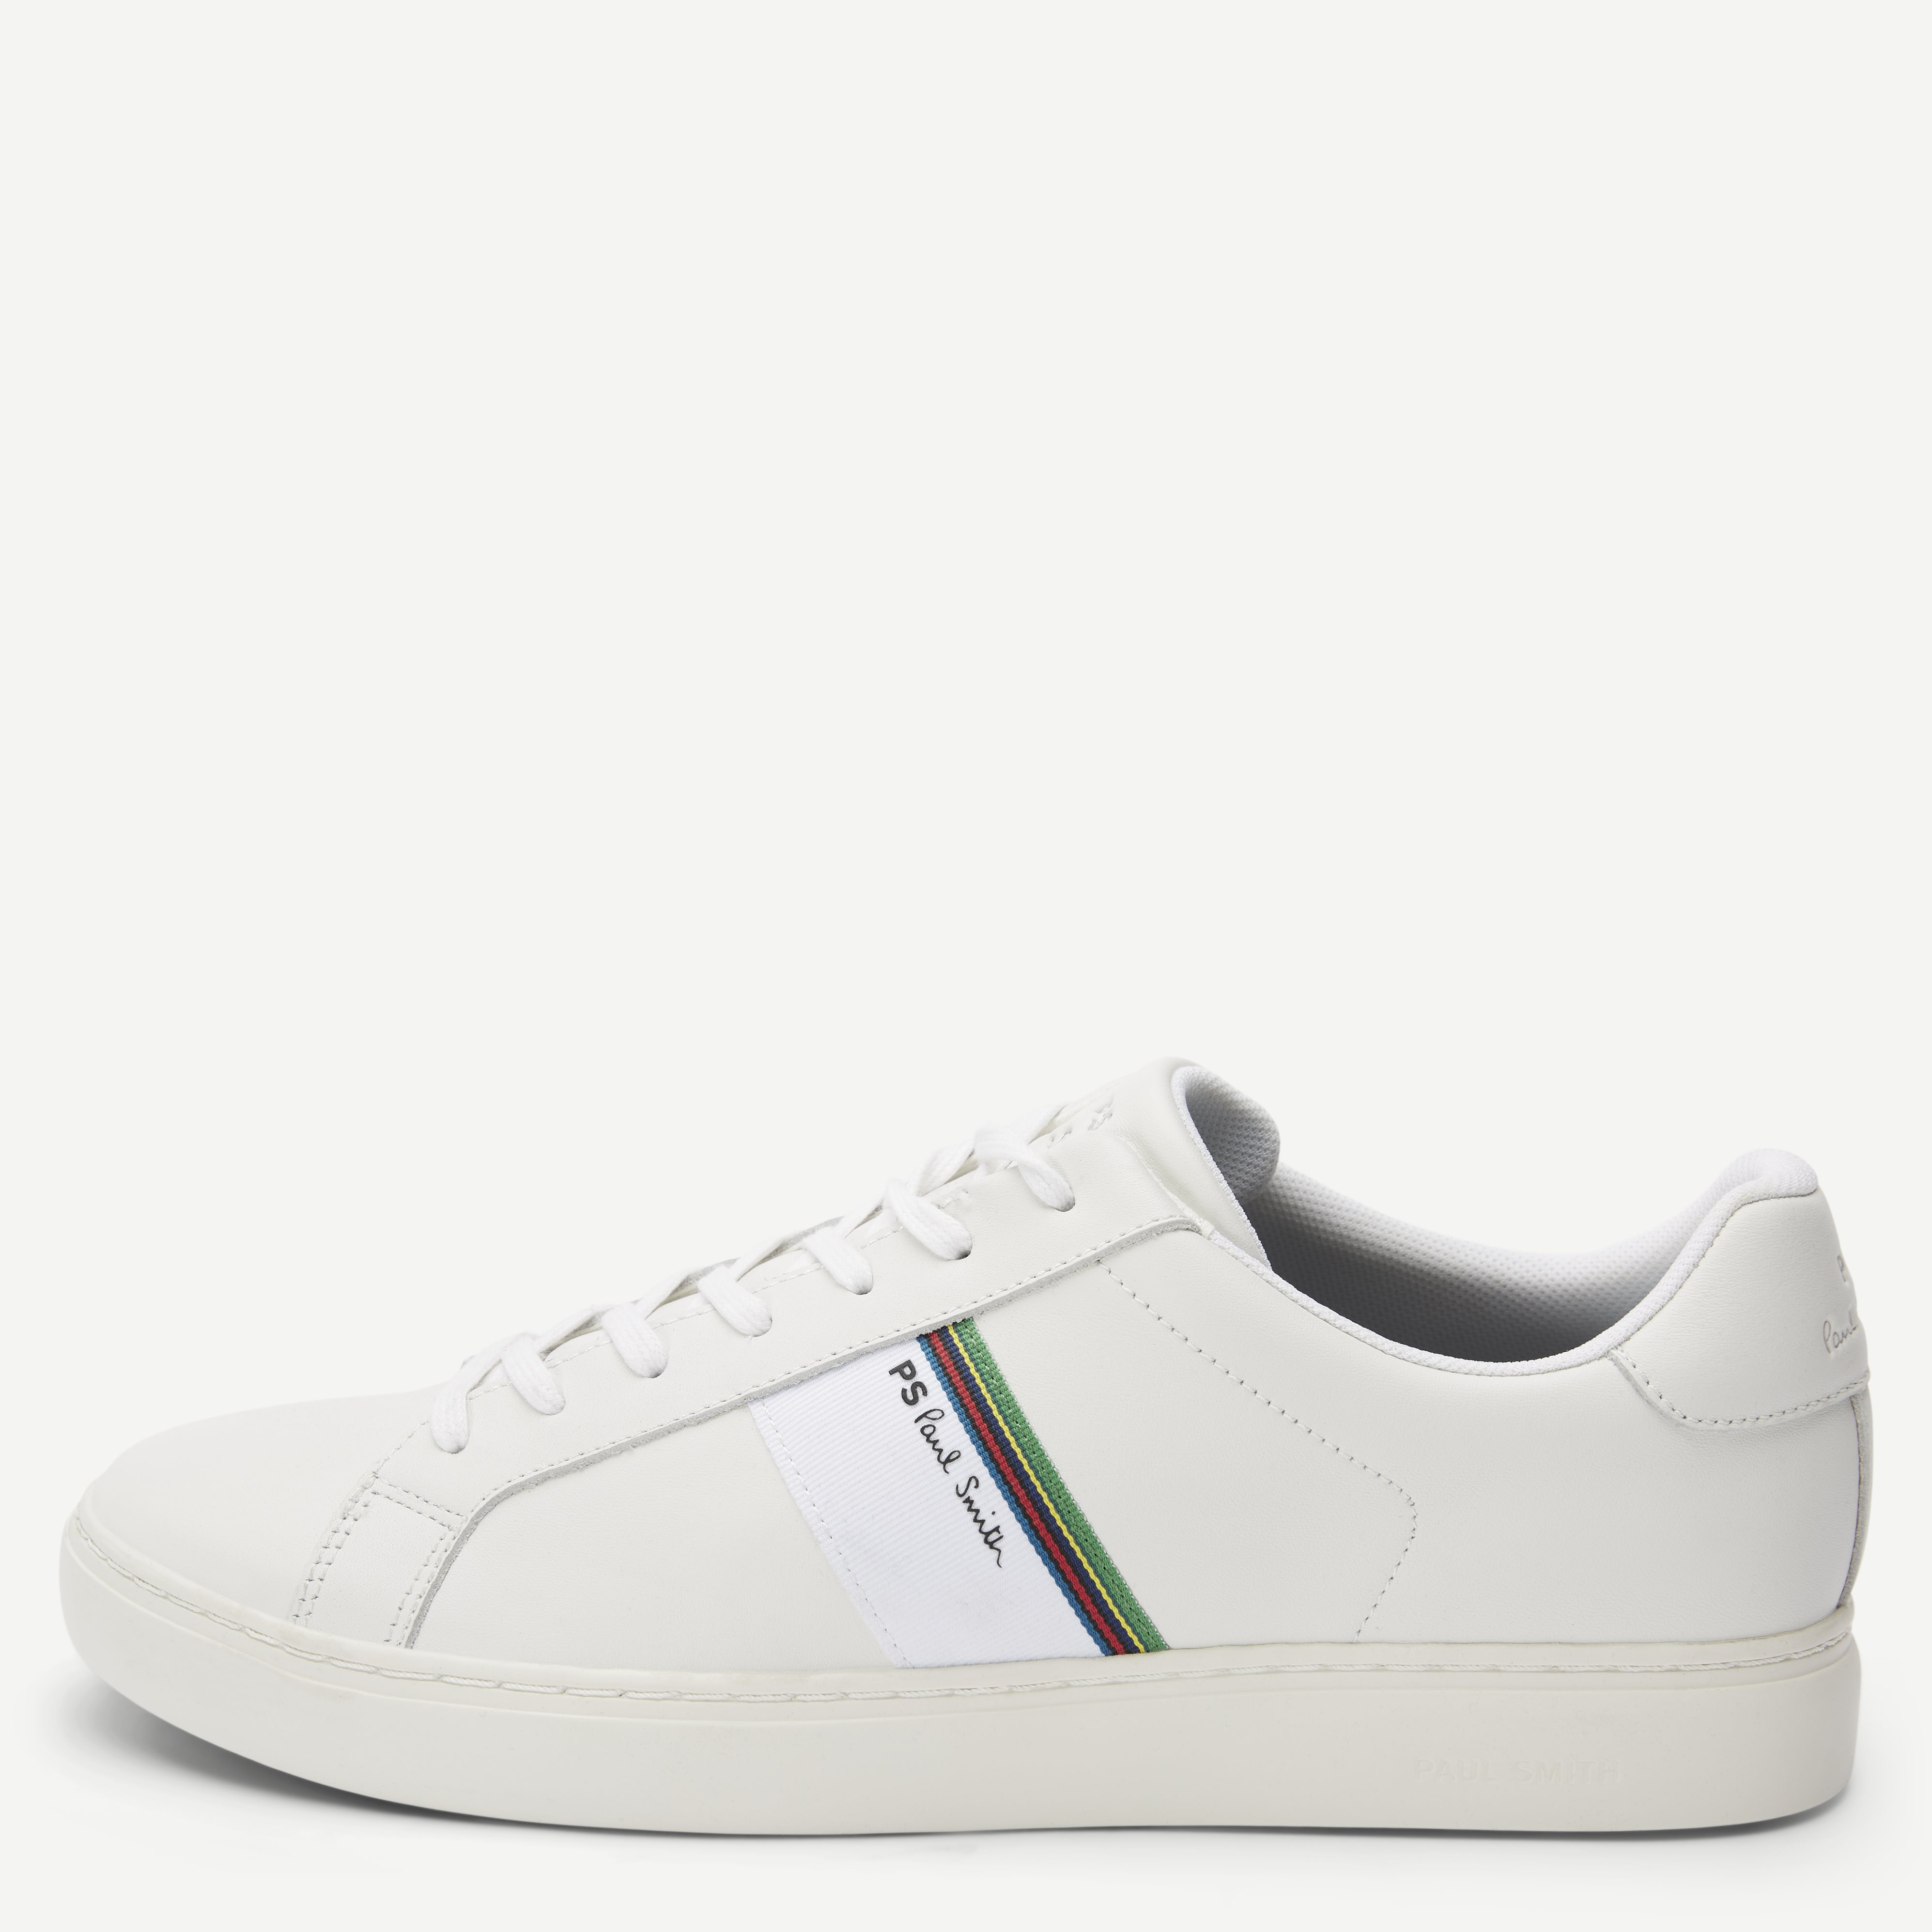 Rex02 Amlux Sneaker - Sko - Hvid